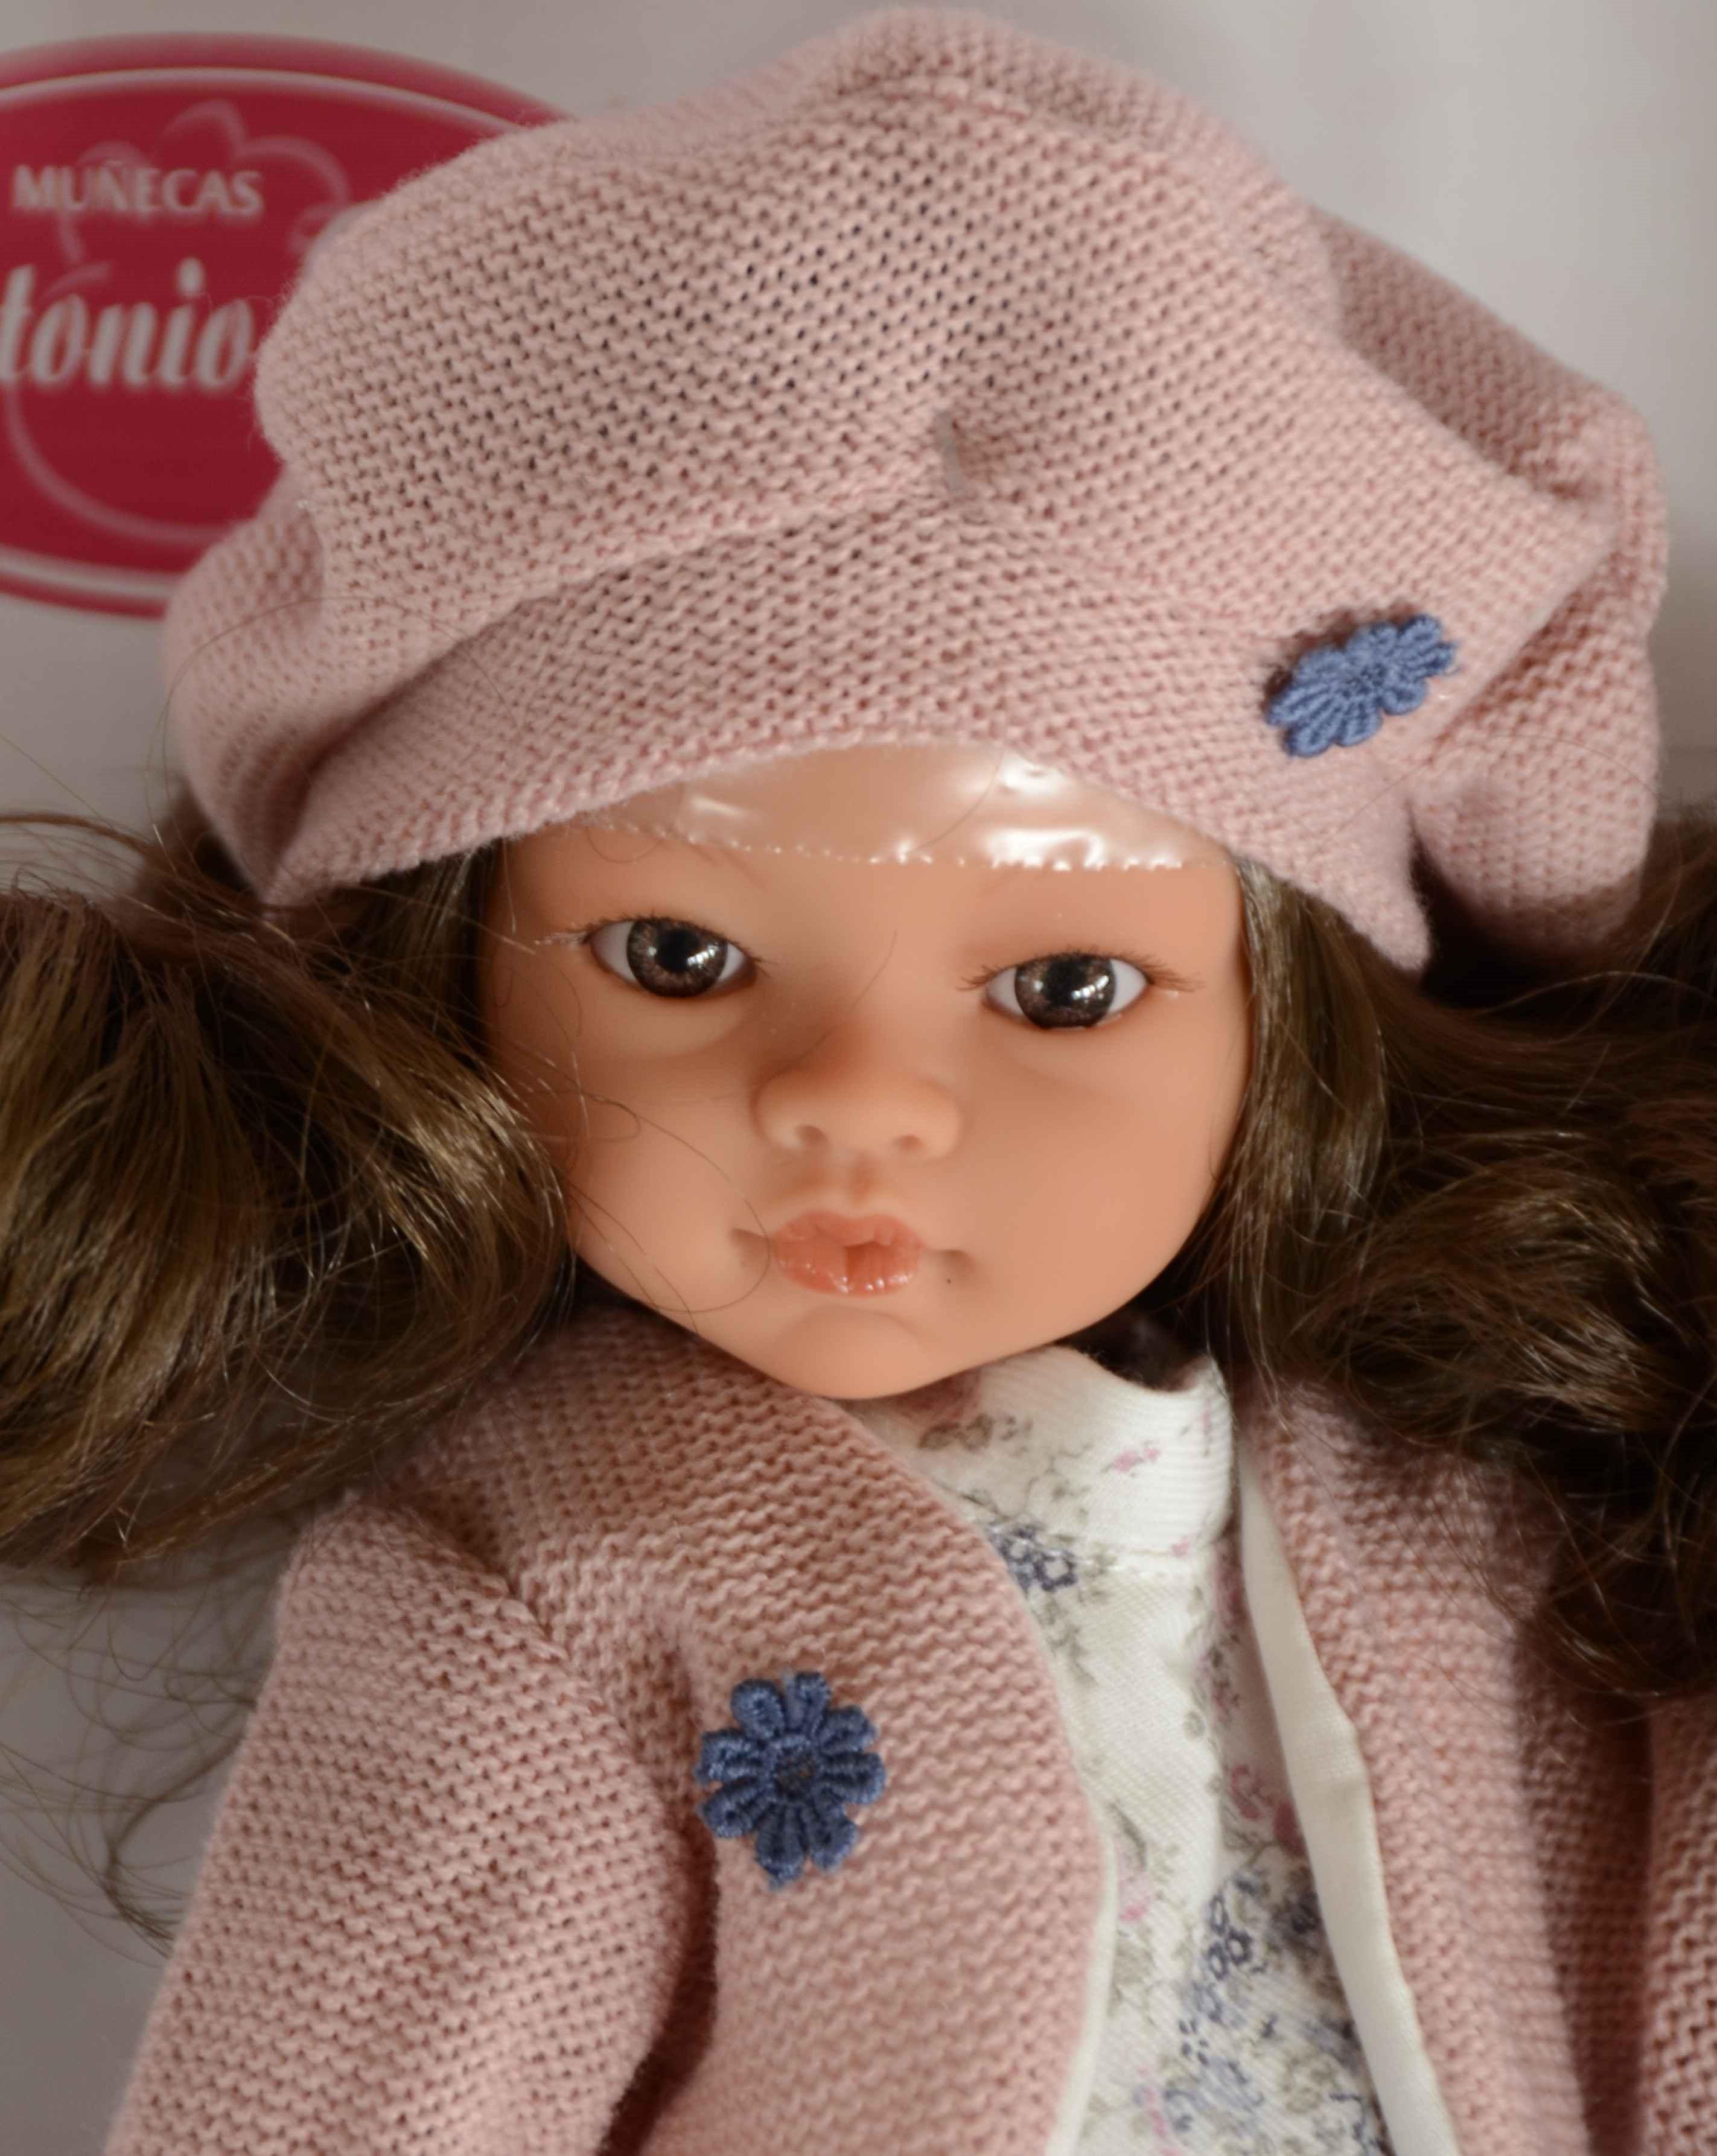 Realistická panenka - Emily Falda Azul -tmavé vlásky (Doprava zdarma)